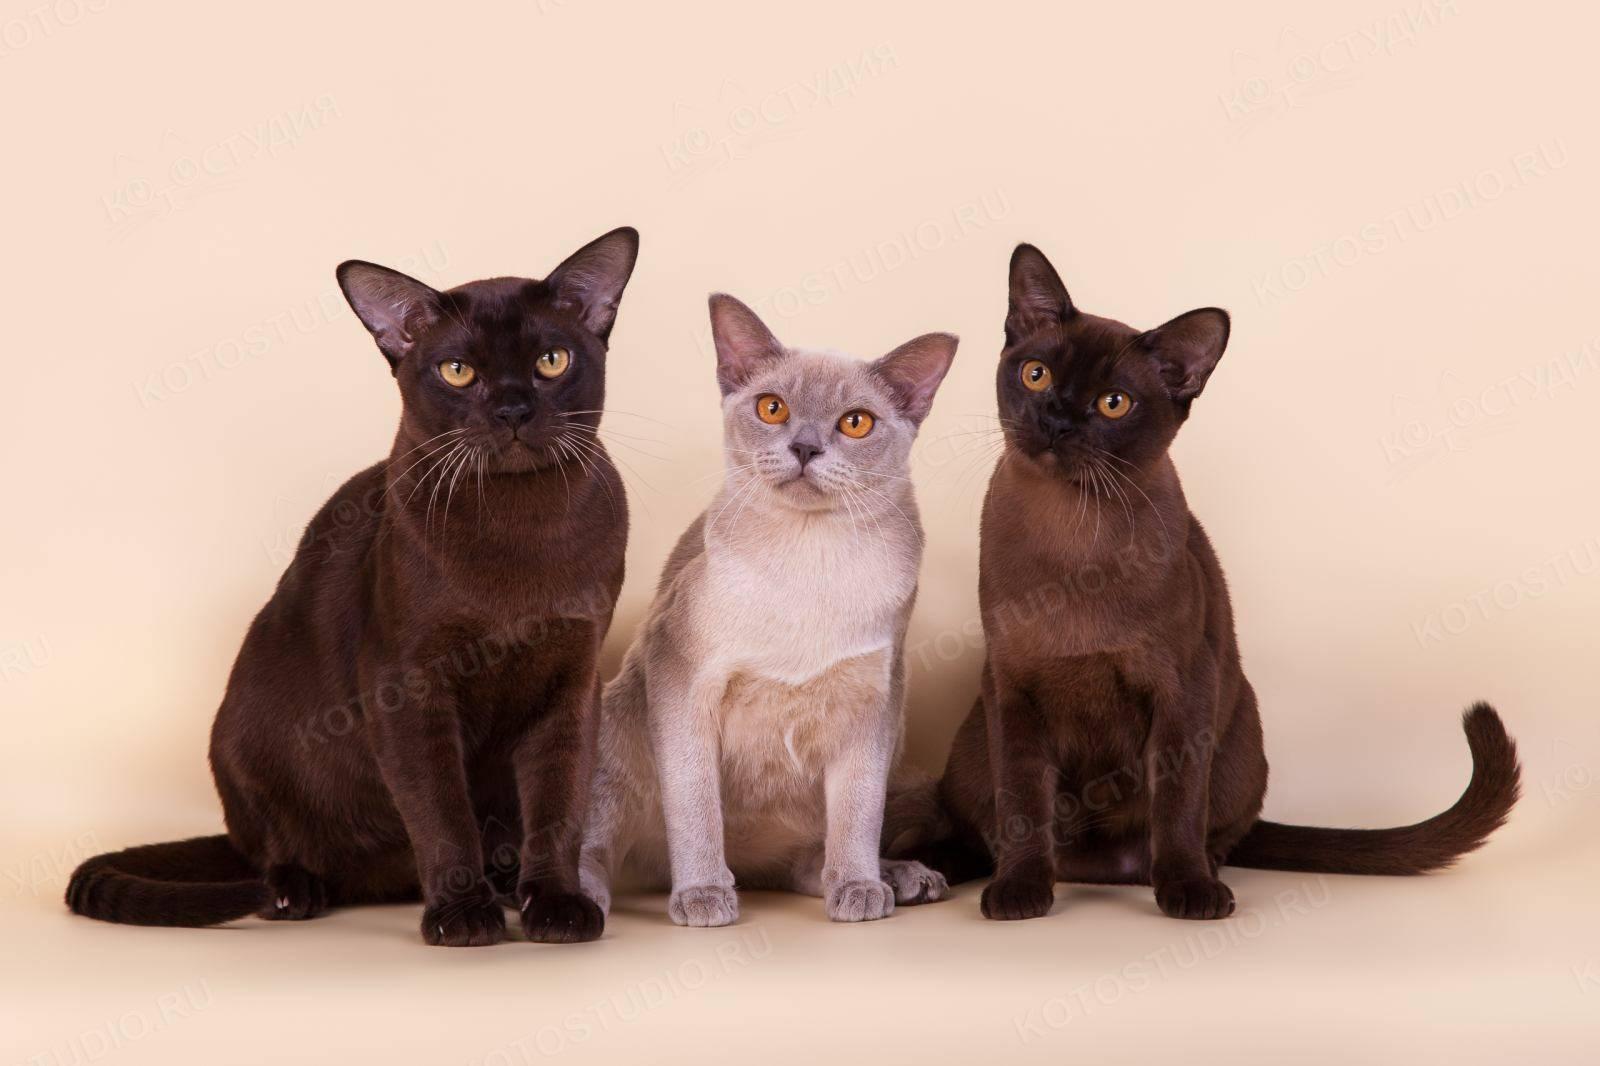 Бурманская кошка - история происхождения, описание, характер и темперамент (105 фото)